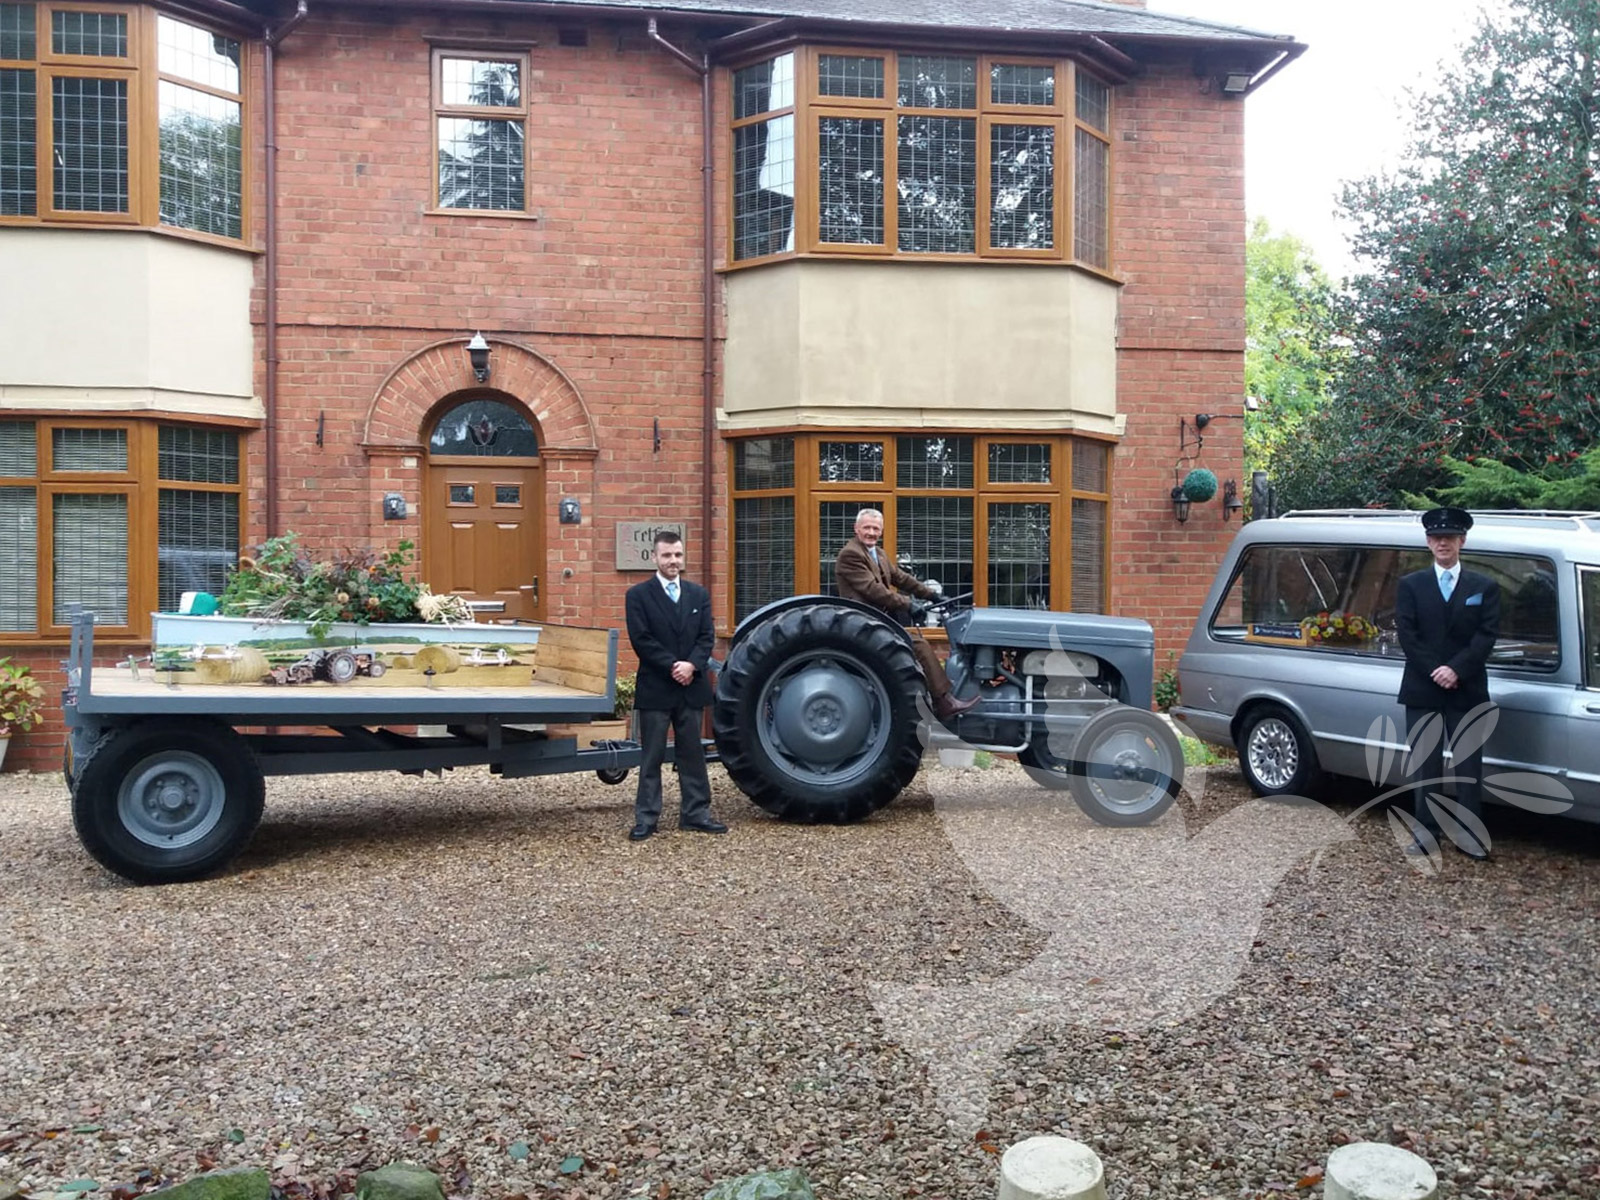 Vintage Grey Ferguson Tractor and Trailer Bier